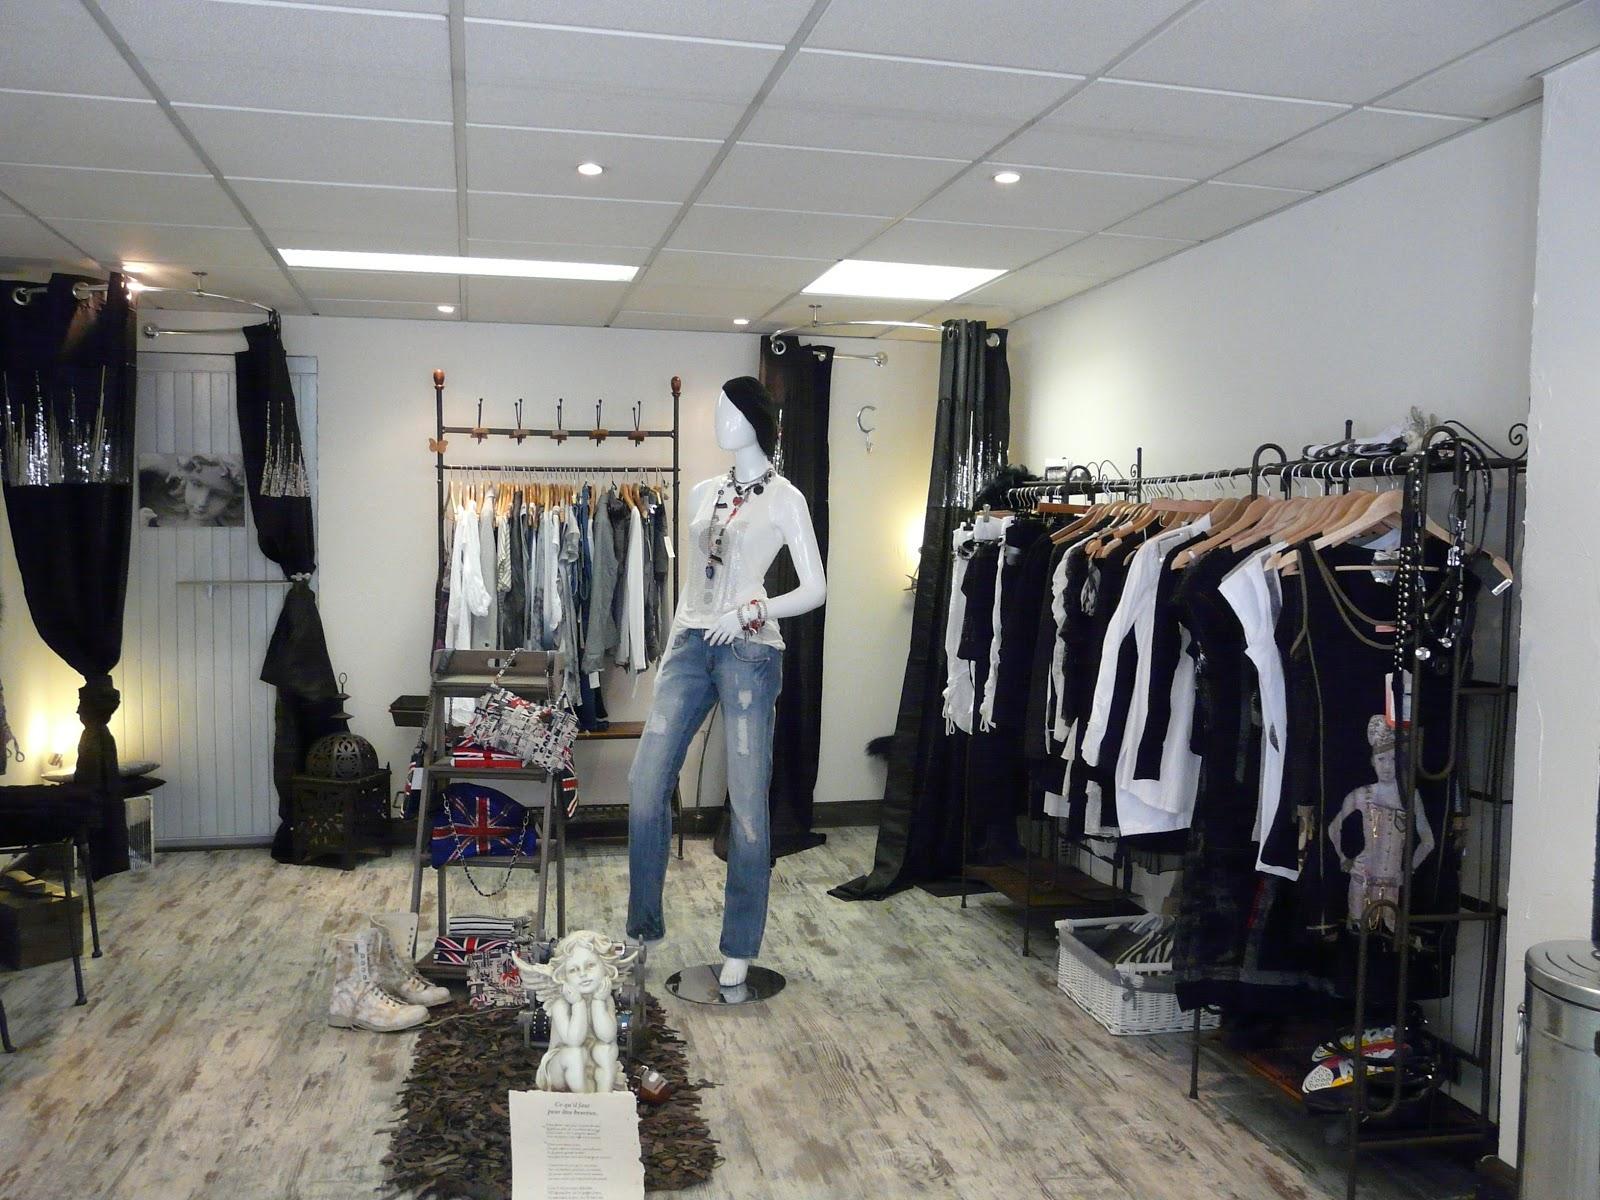 Decoration Boutique Vetement Femme Steadlane Club